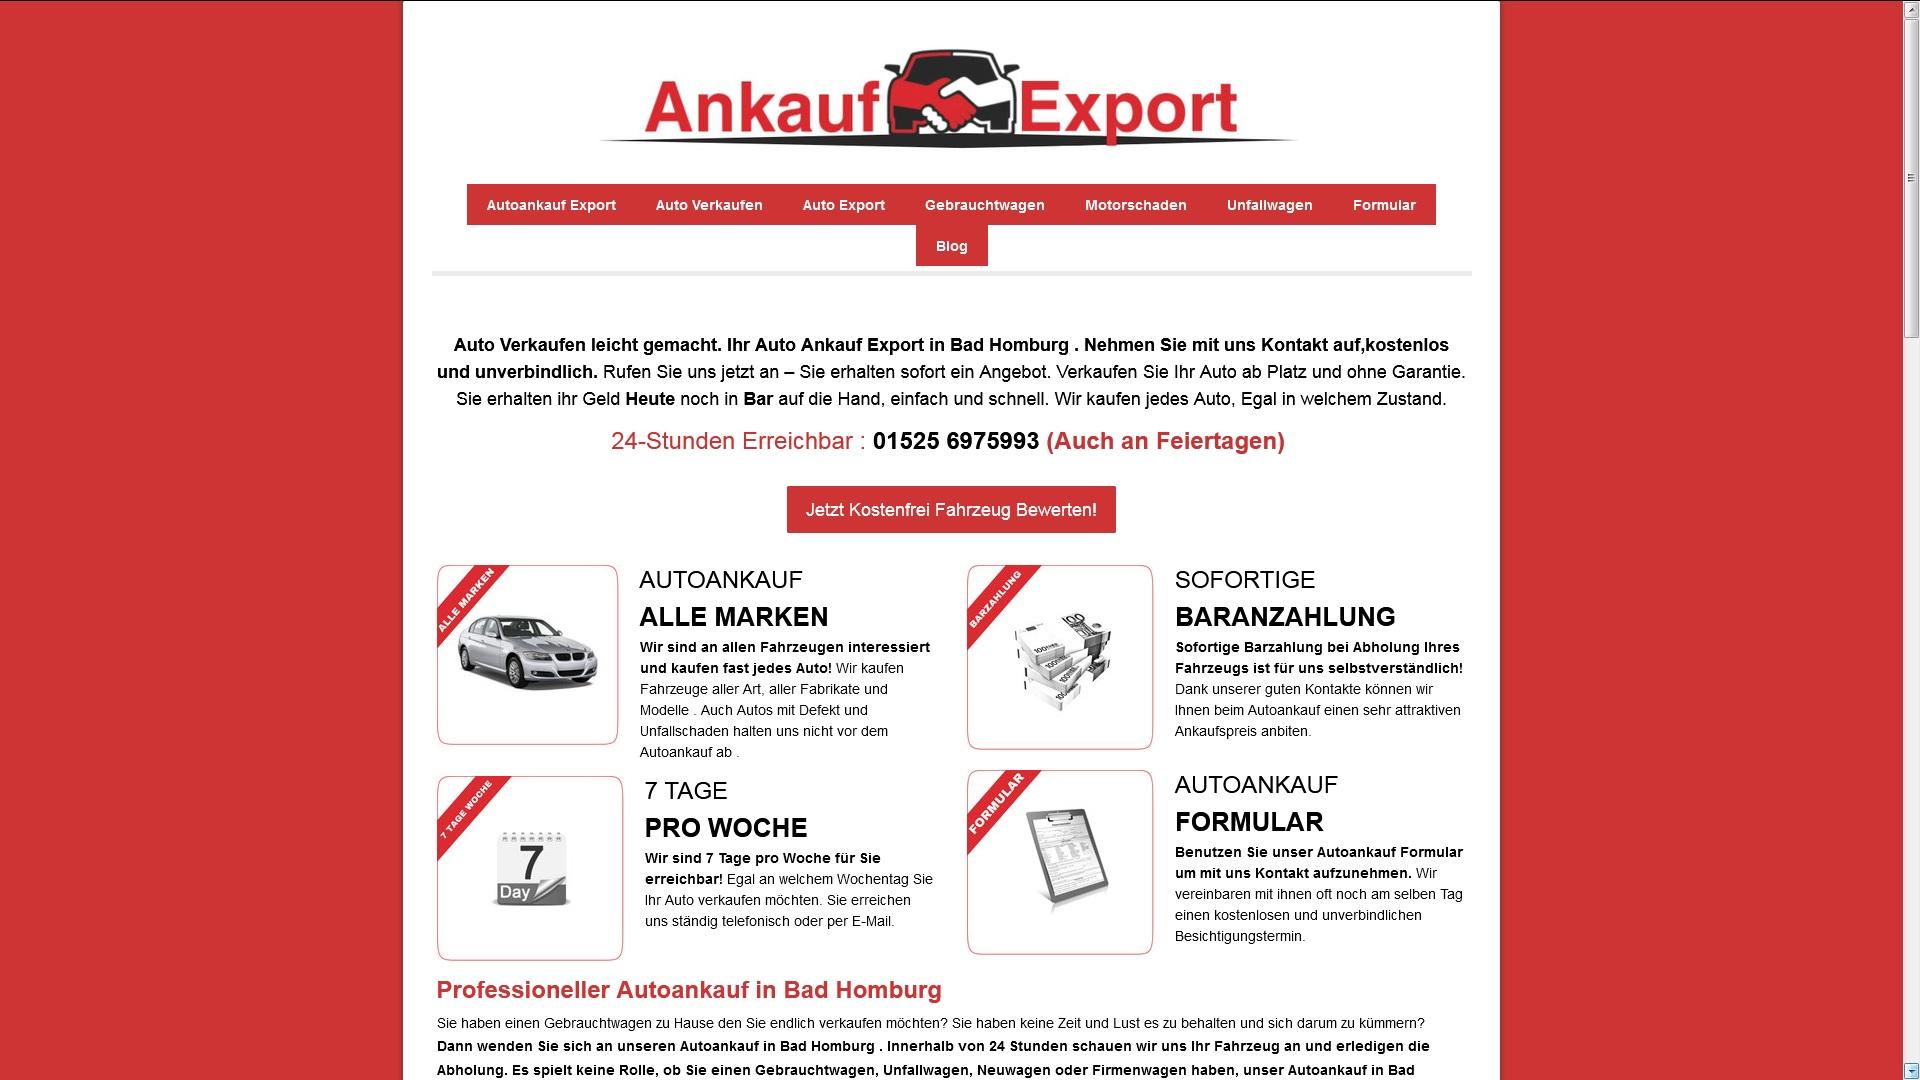 autoankauf darmstadt kauft dein gebrauchtwagen auch ohne tuev - Autoankauf Darmstadt kauft dein Gebrauchtwagen auch ohne TÜV